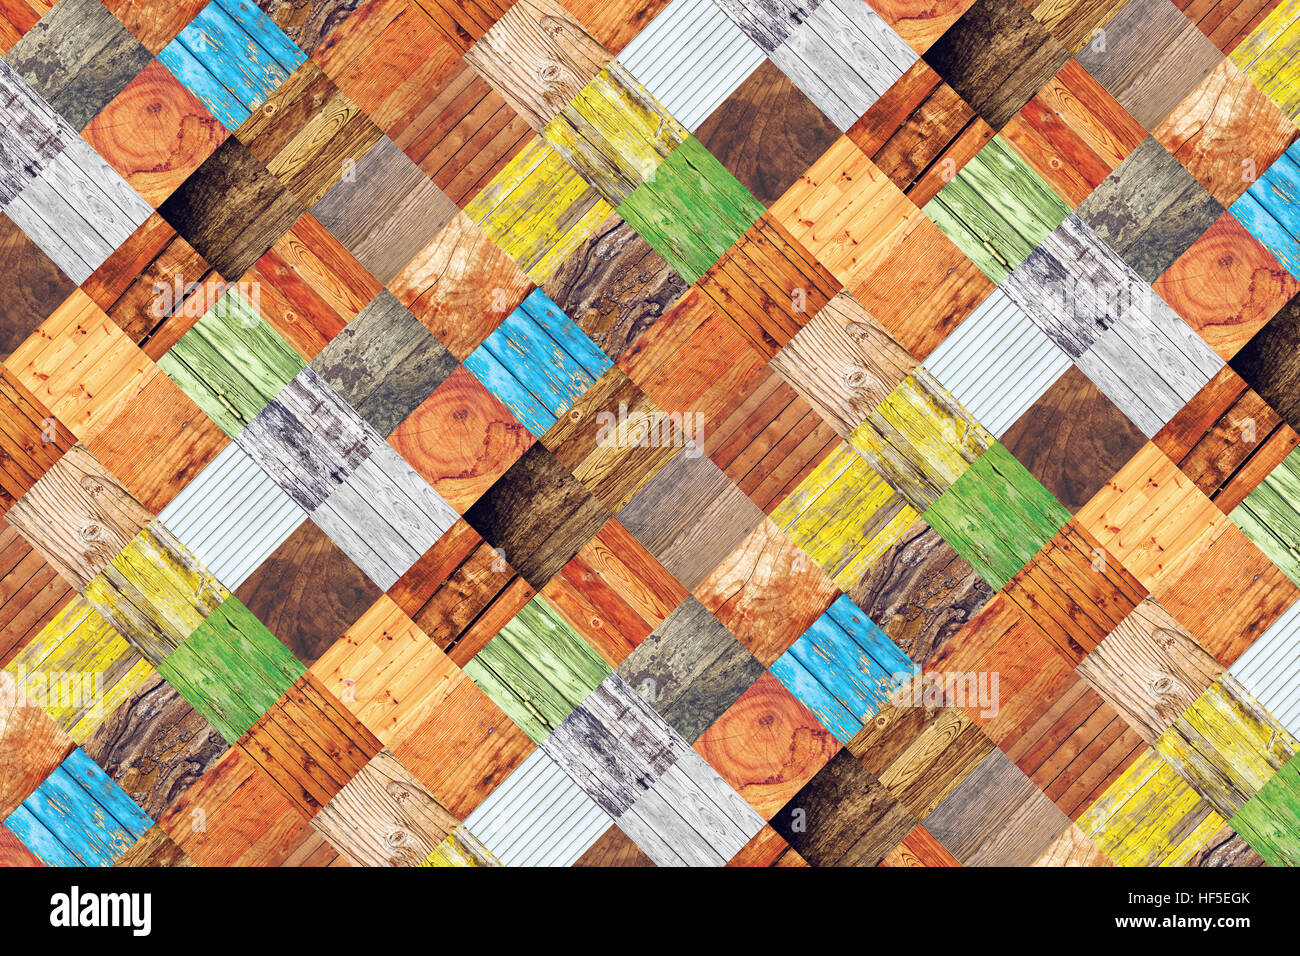 Collage de différents échantillons de textures de bois en format carré Photo Stock